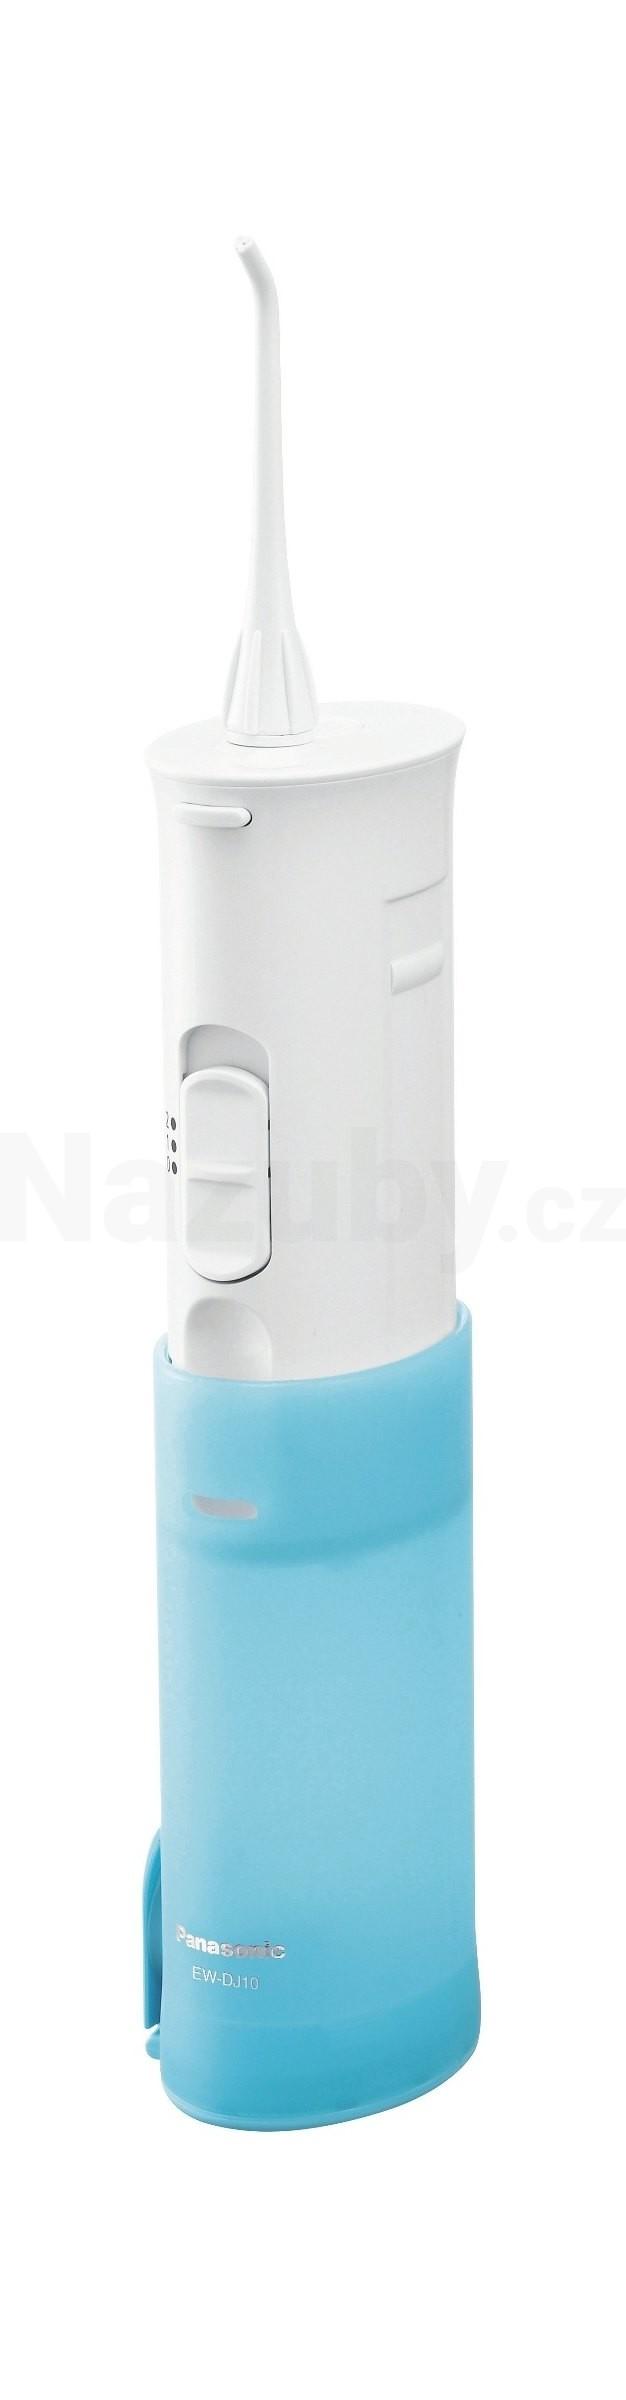 Panasonic EW-DJ10-A503 cestovní ústní sprcha - akce 100 dní na vrácení zboží